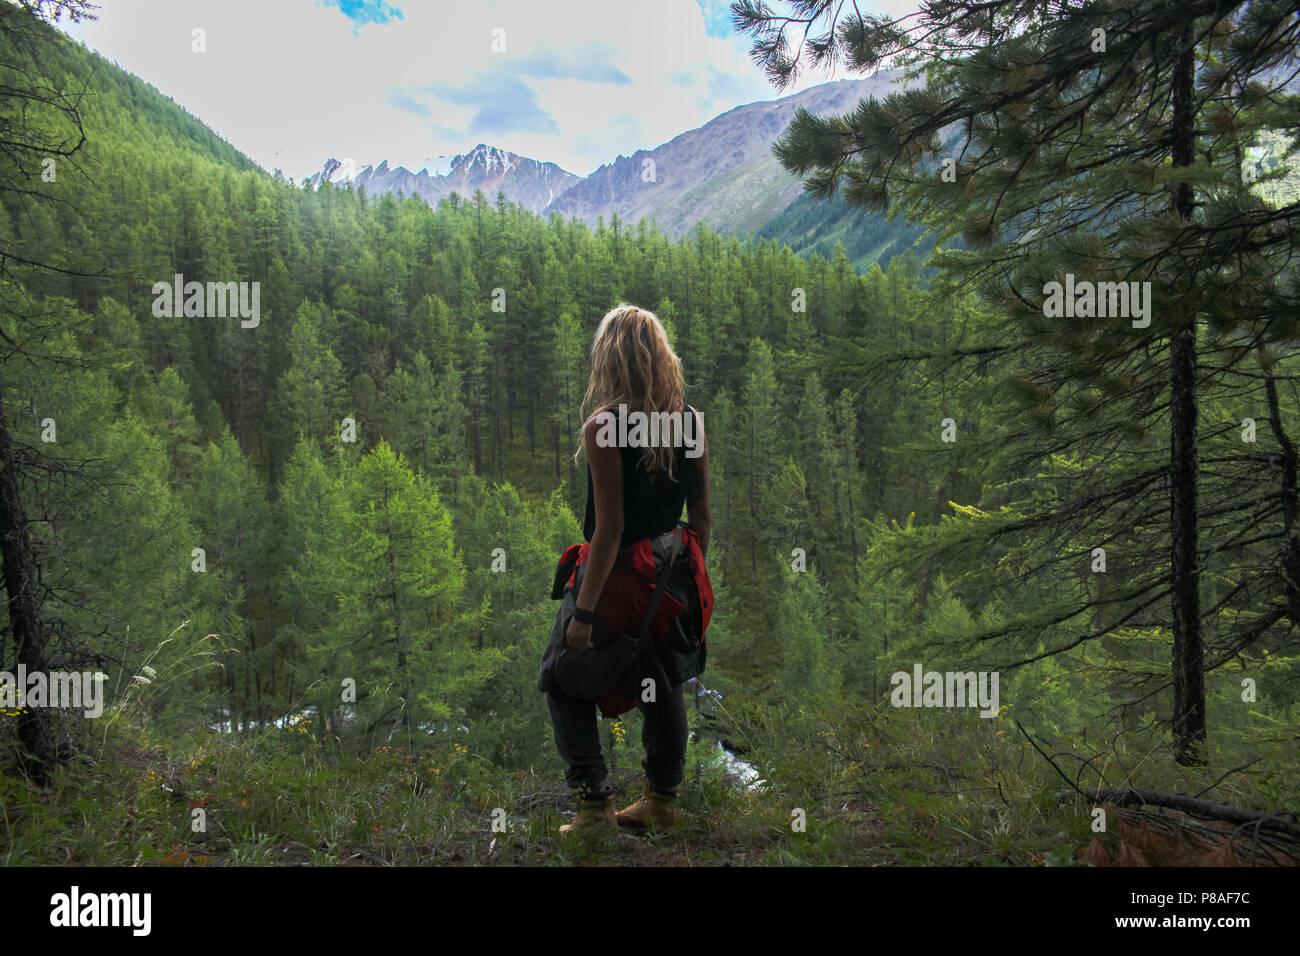 Vista posterior de una mujer mirando las montañas Altai, Rusia Imagen De Stock